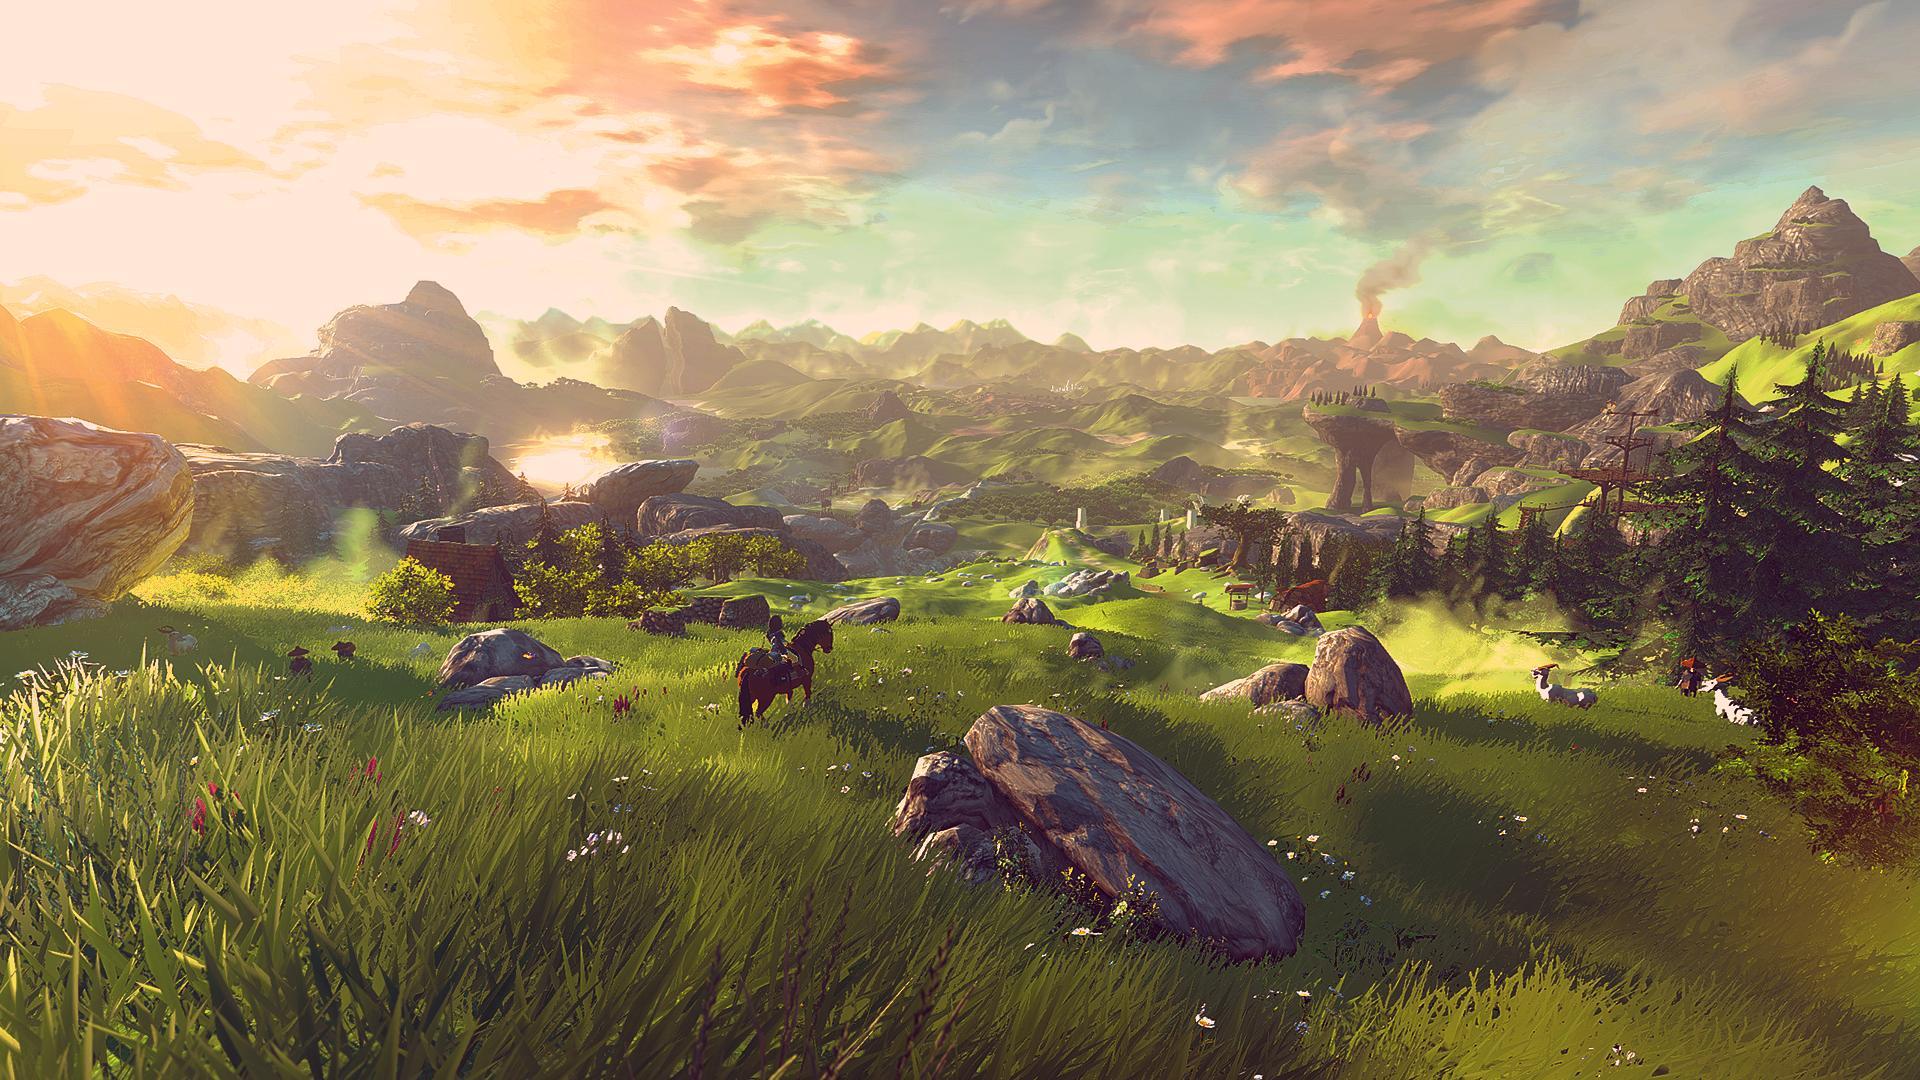 Zelda U Wallpaper IGN Boards 1920x1080